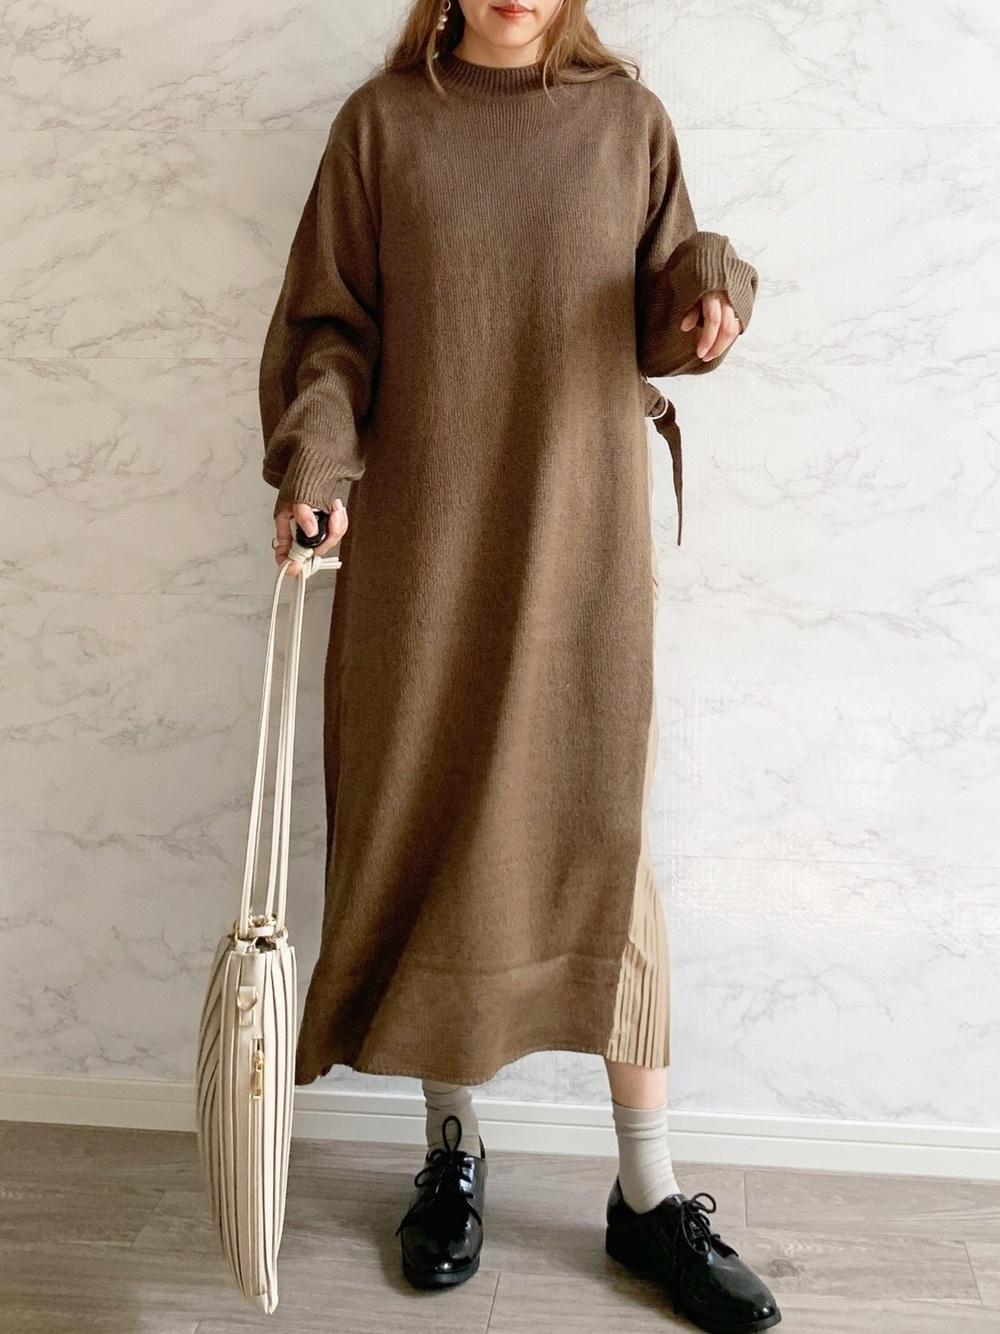 ブラウンのワンピースに巾着バッグのコーデ